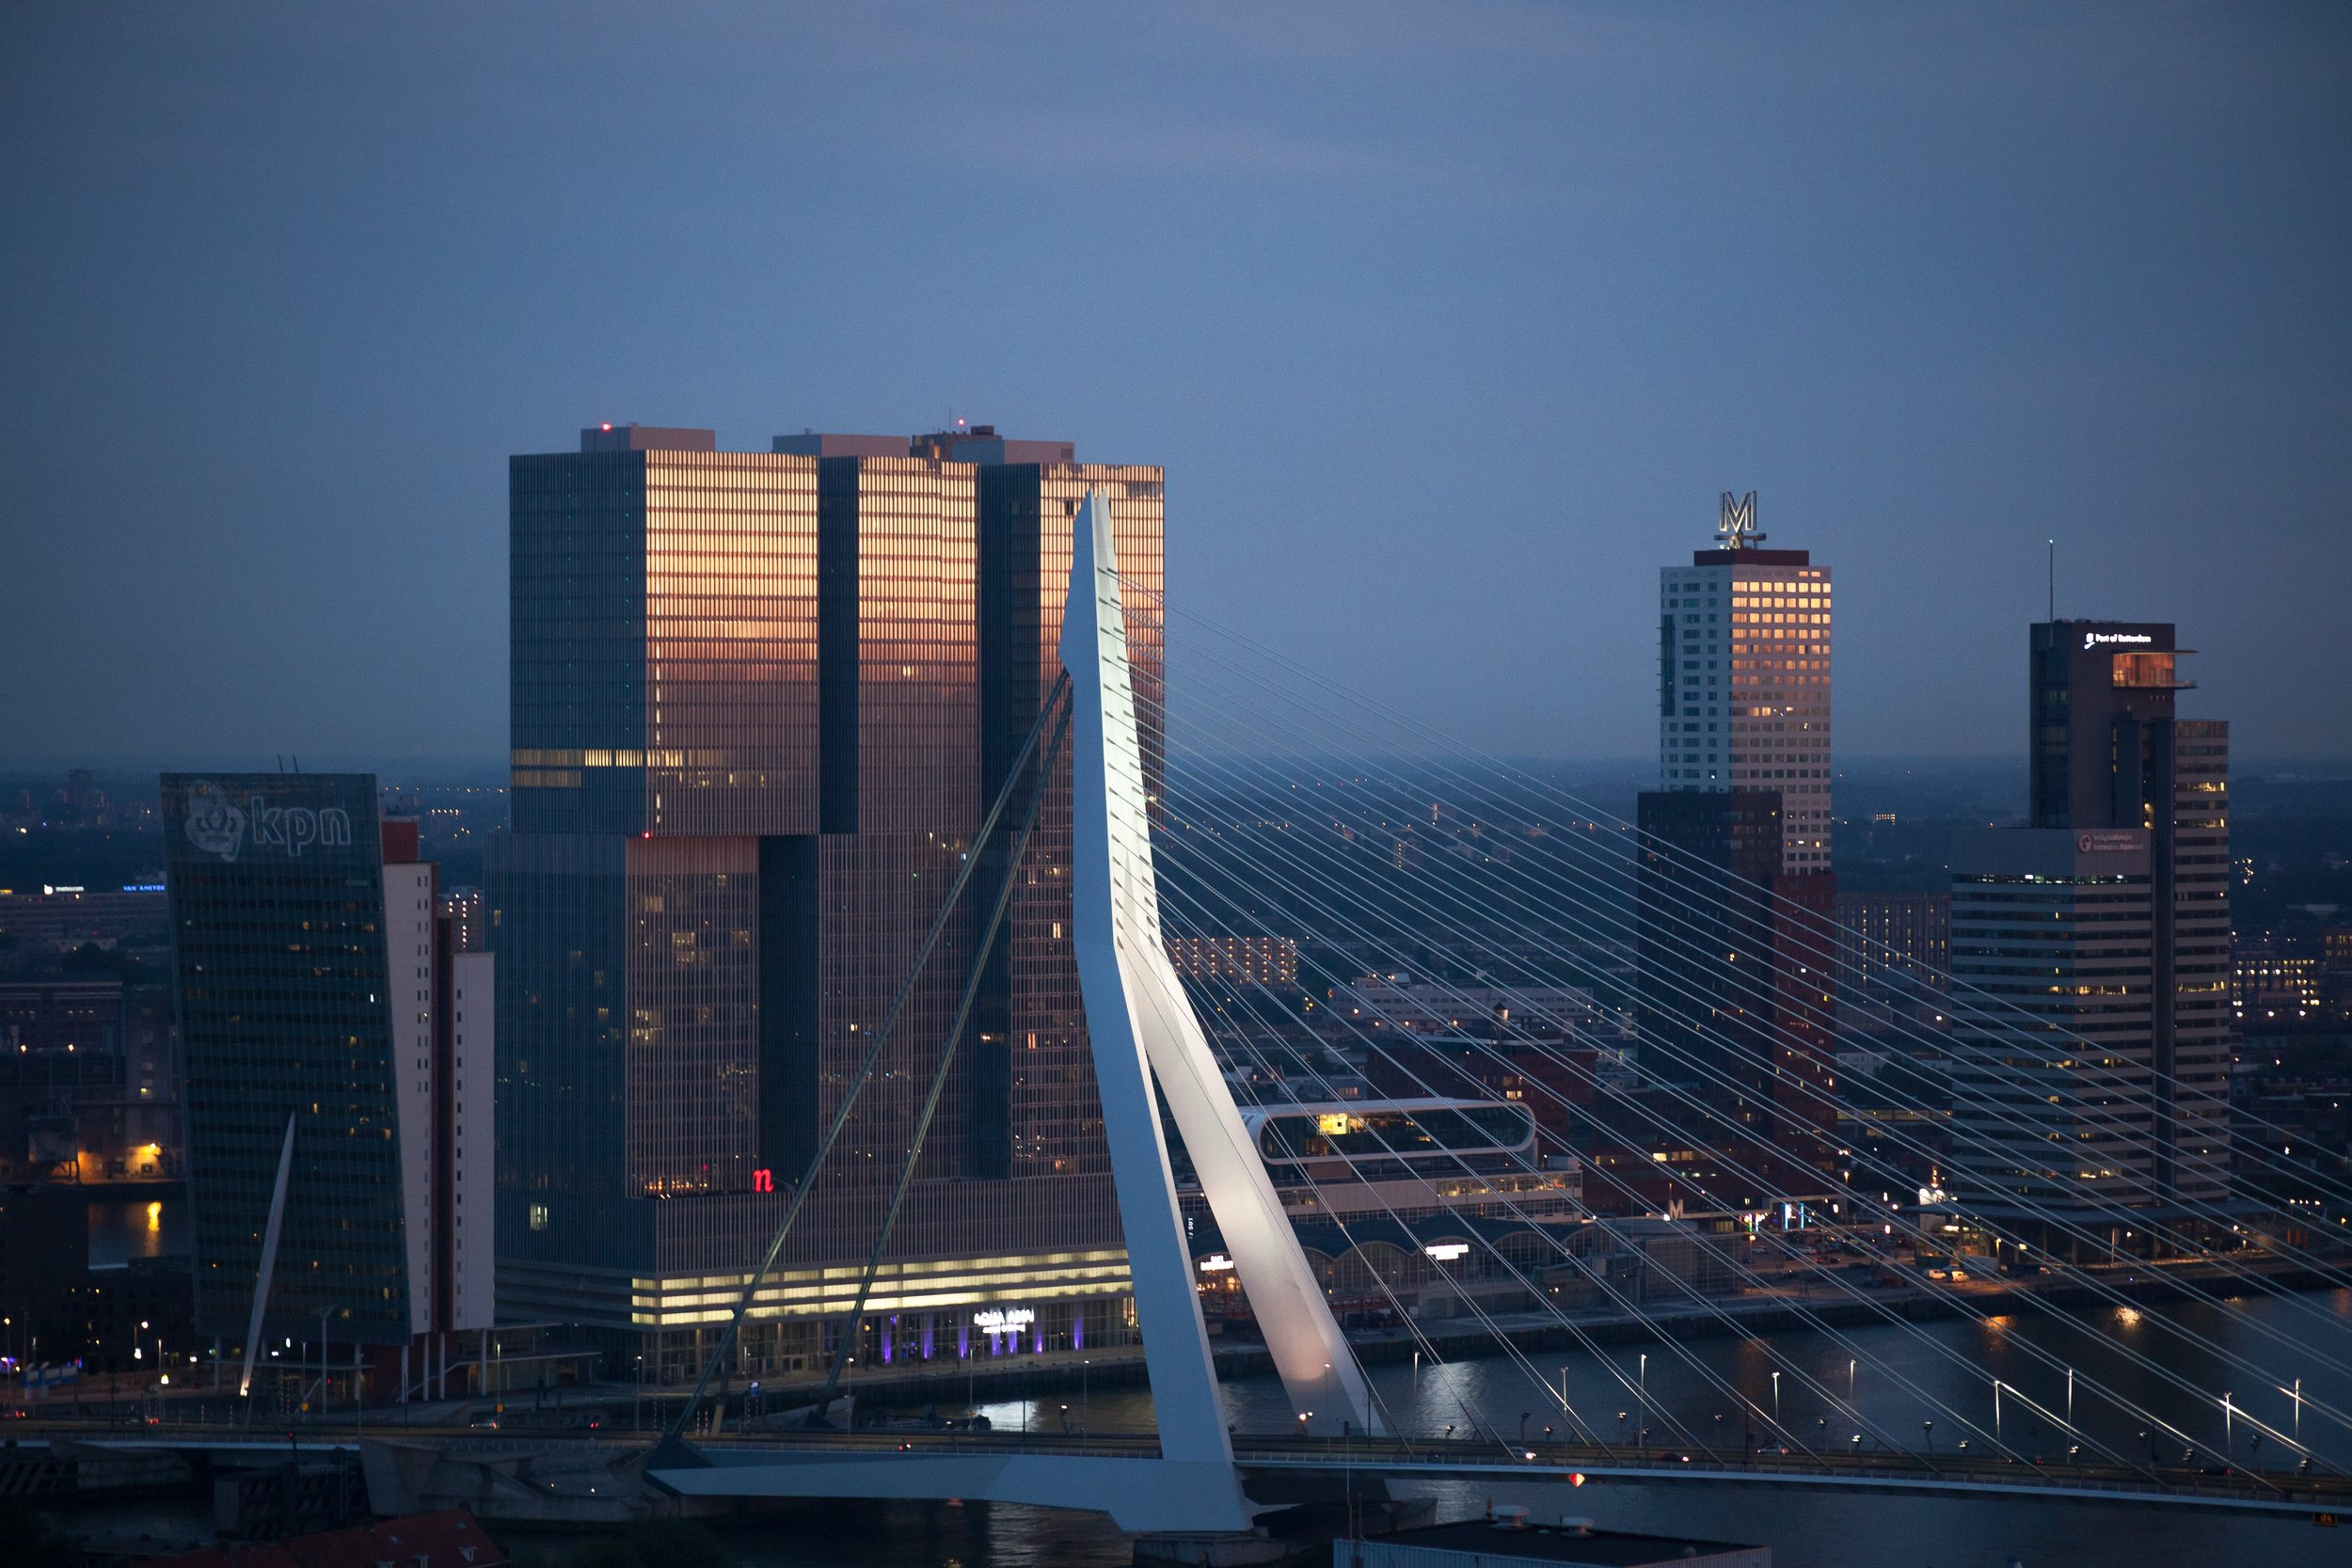 Rotterdam-rik-van-der-kroon.jpg